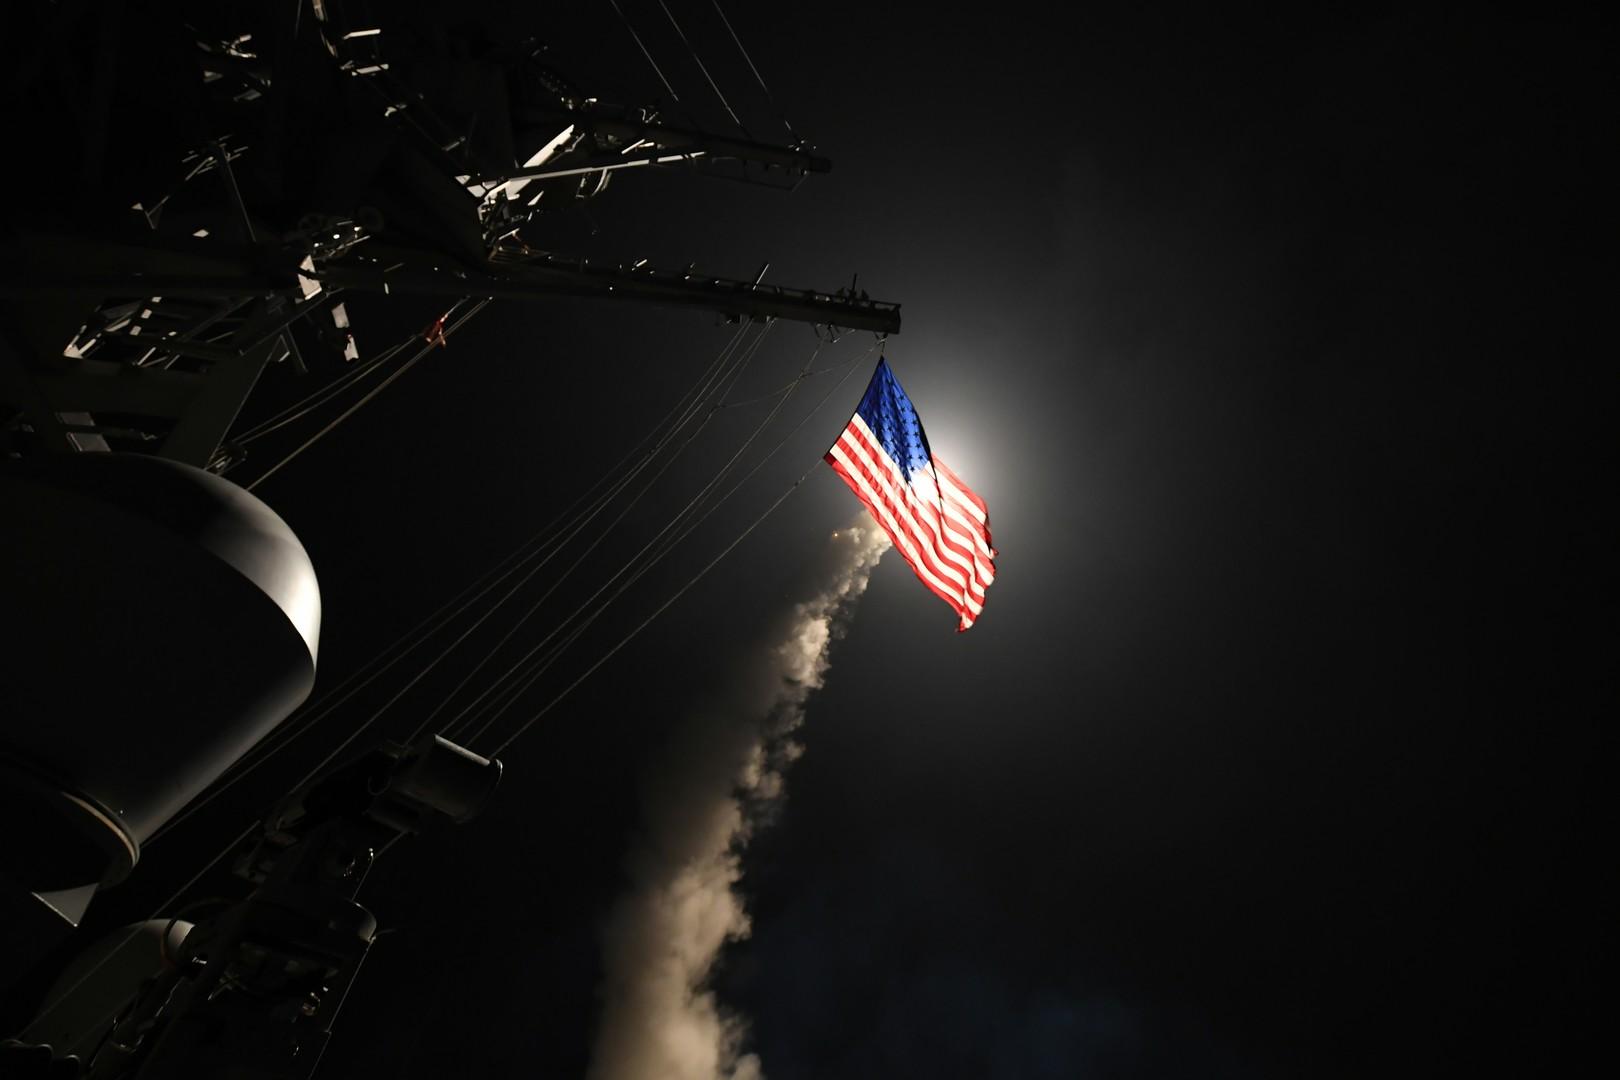 US-amerikanischer Zerstörer USS Porter (DDG-78) führt Anschlag im Mittelmeer aus